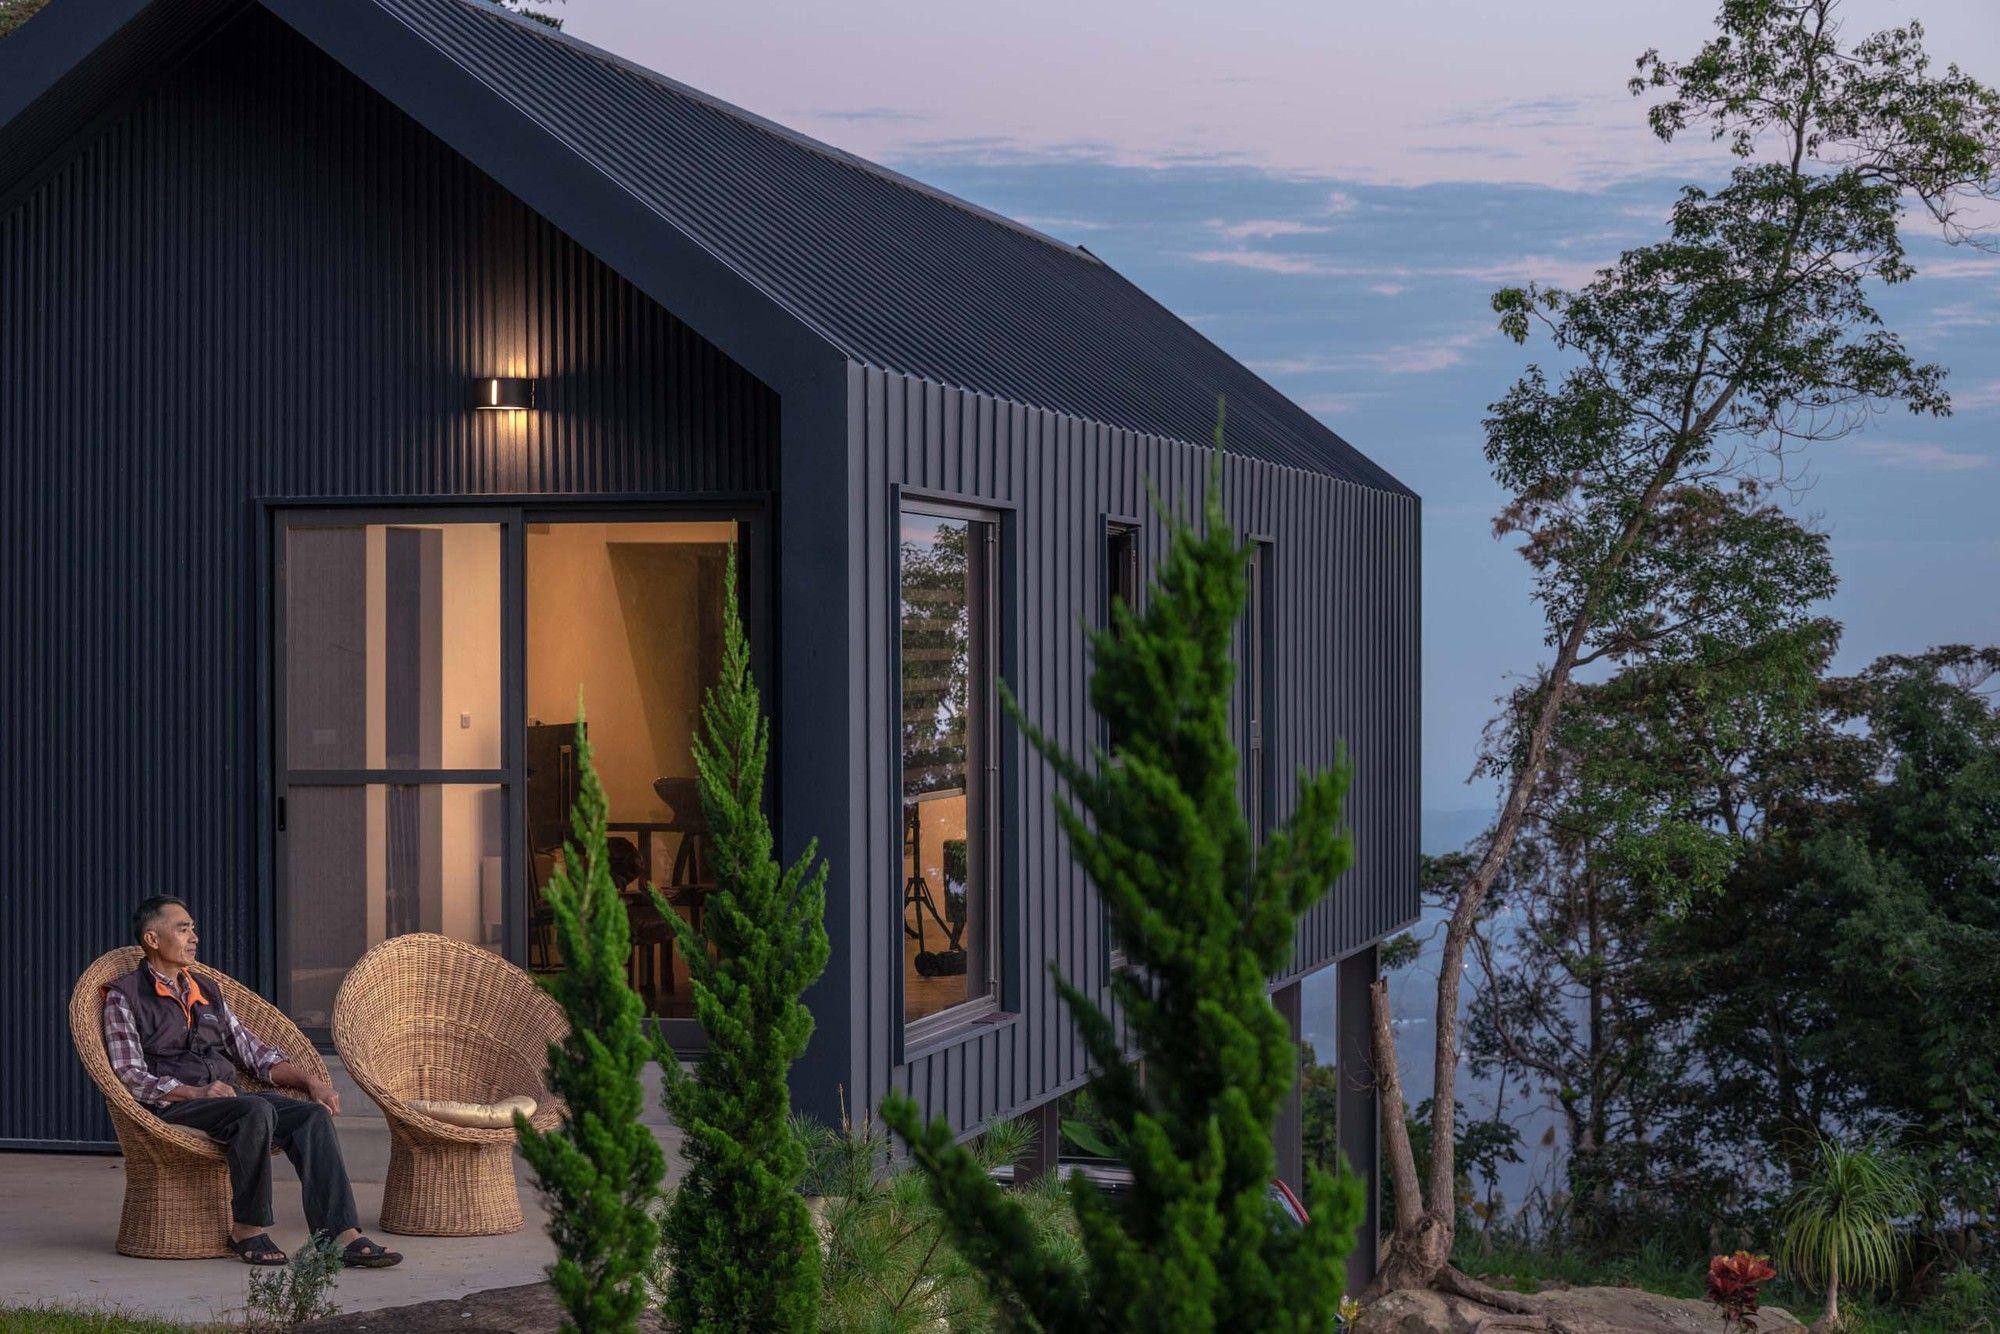 Dh House Uz Architecture House On Stilts Architecture